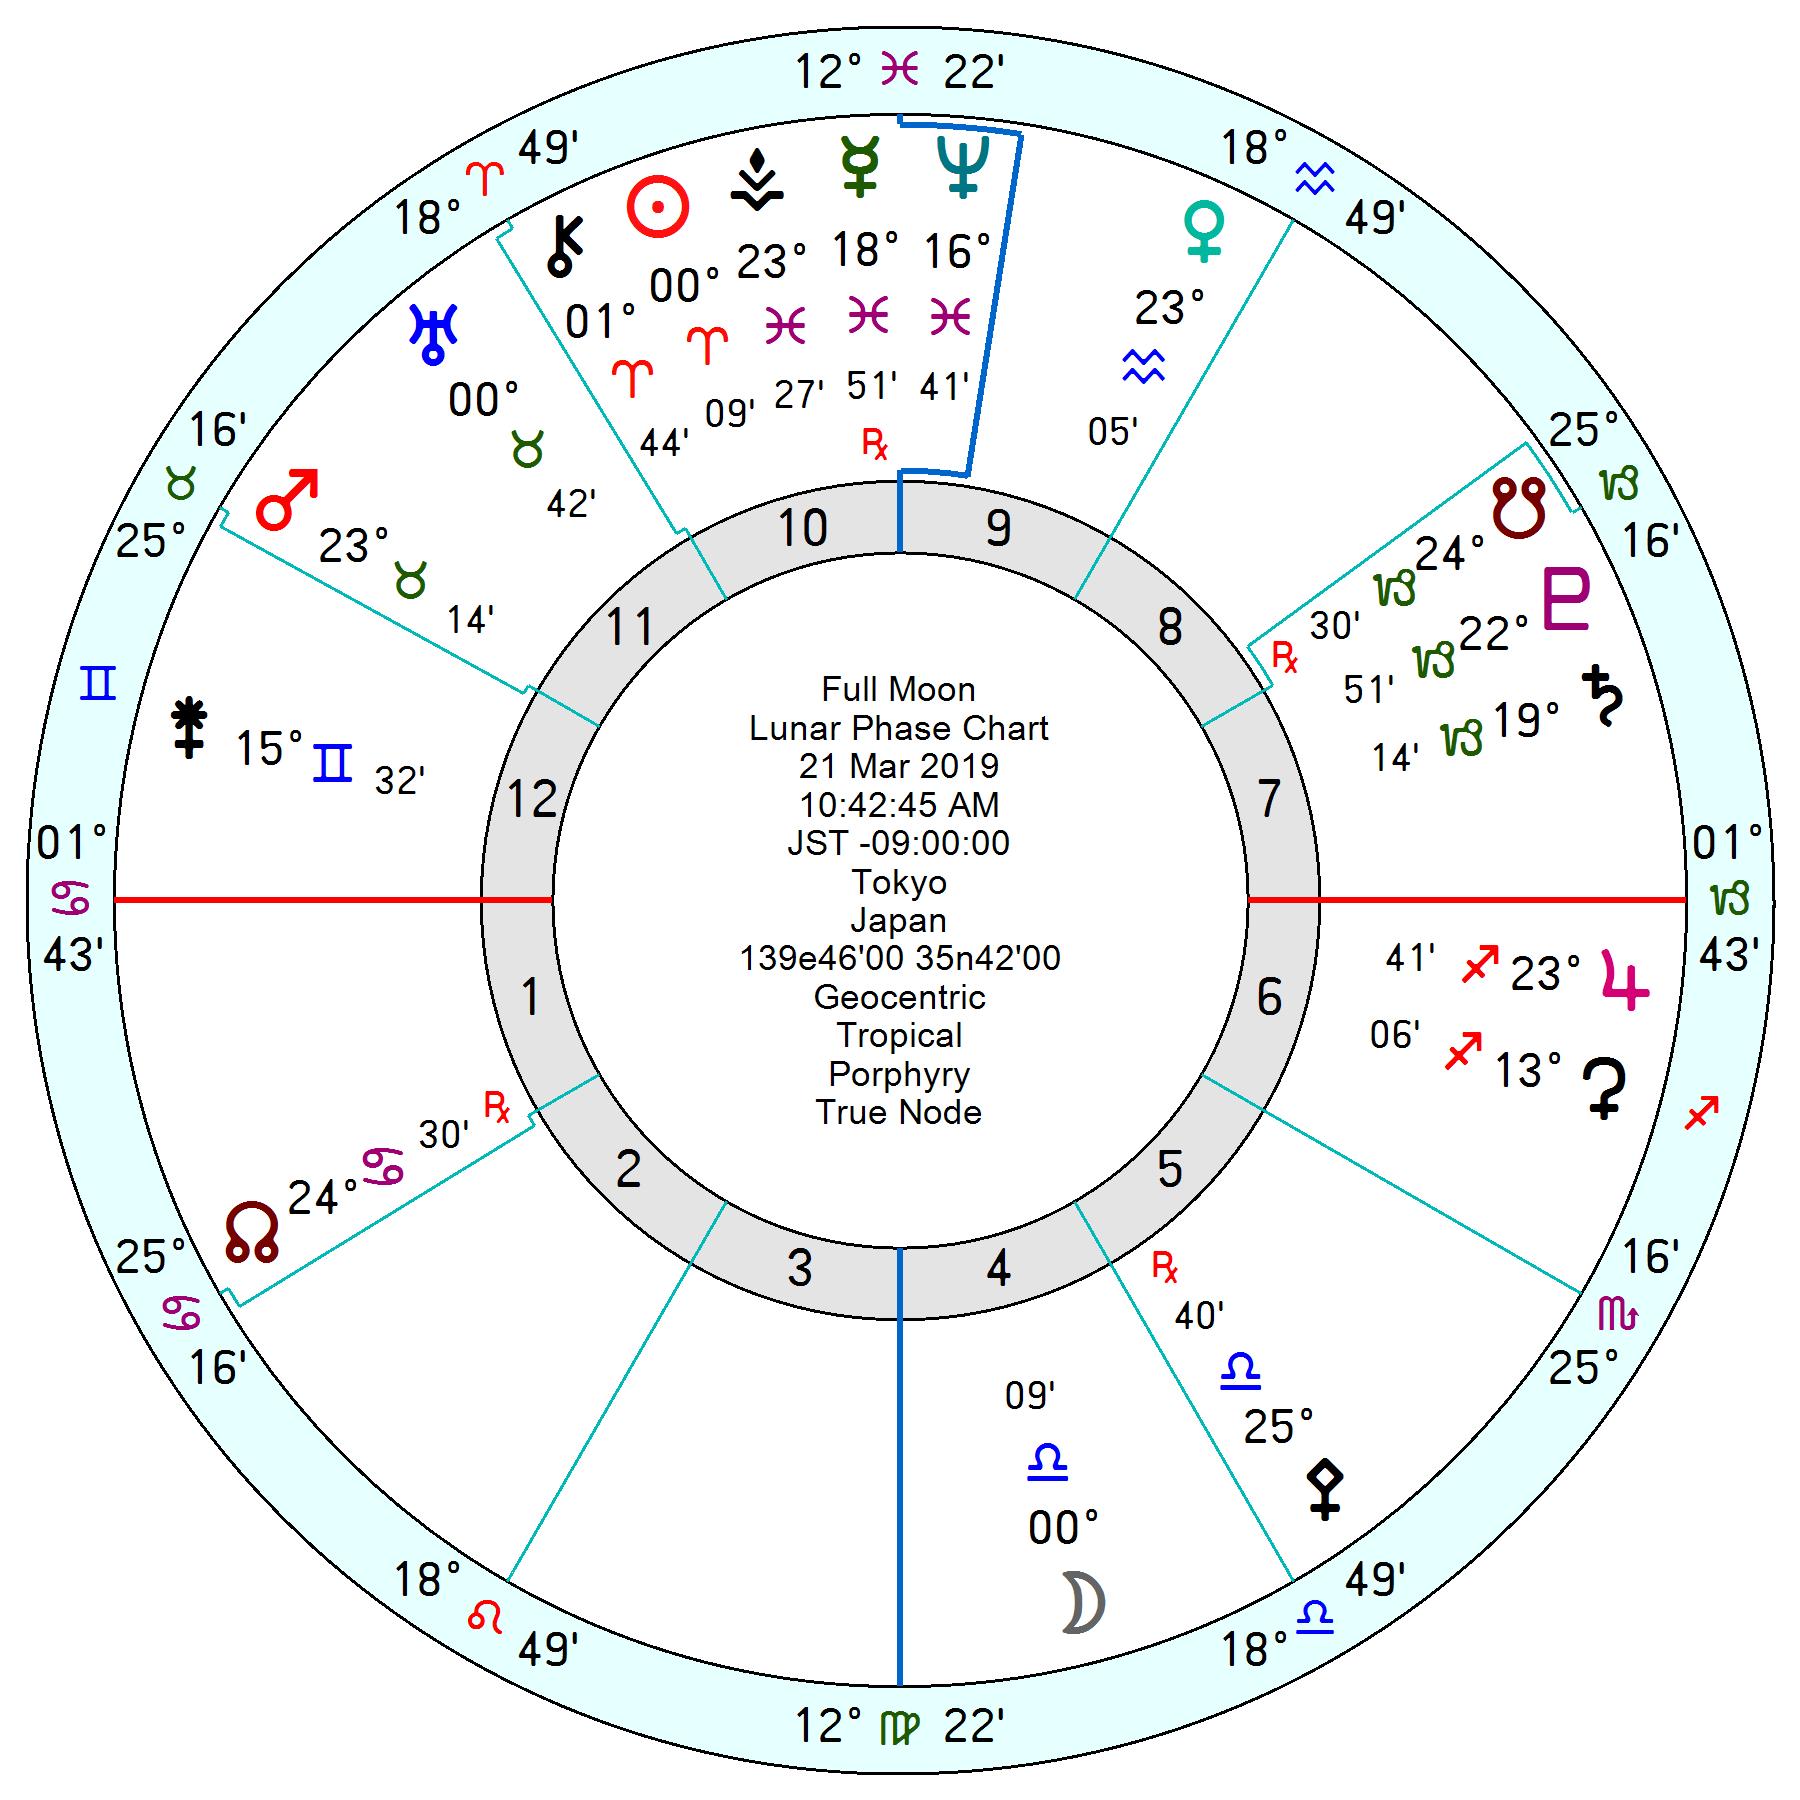 2019年3月21日天秤座満月